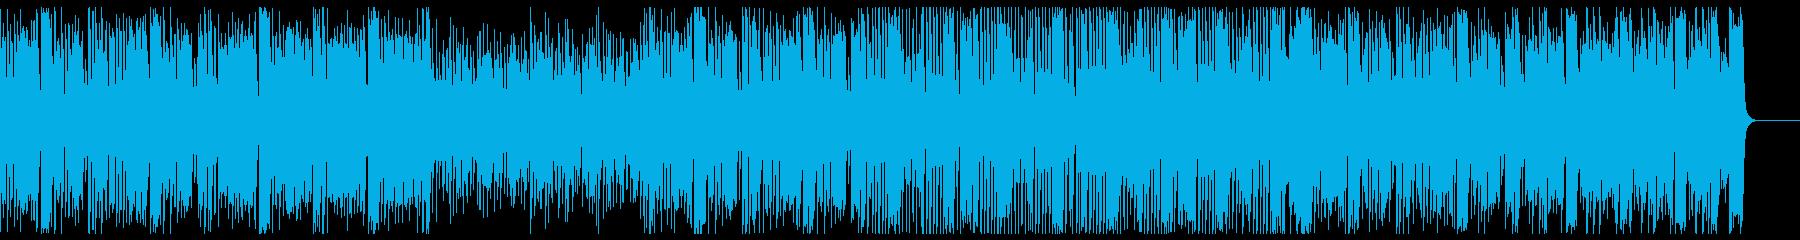 激しく豪華 暗い系王道ビッグバンドジャズの再生済みの波形